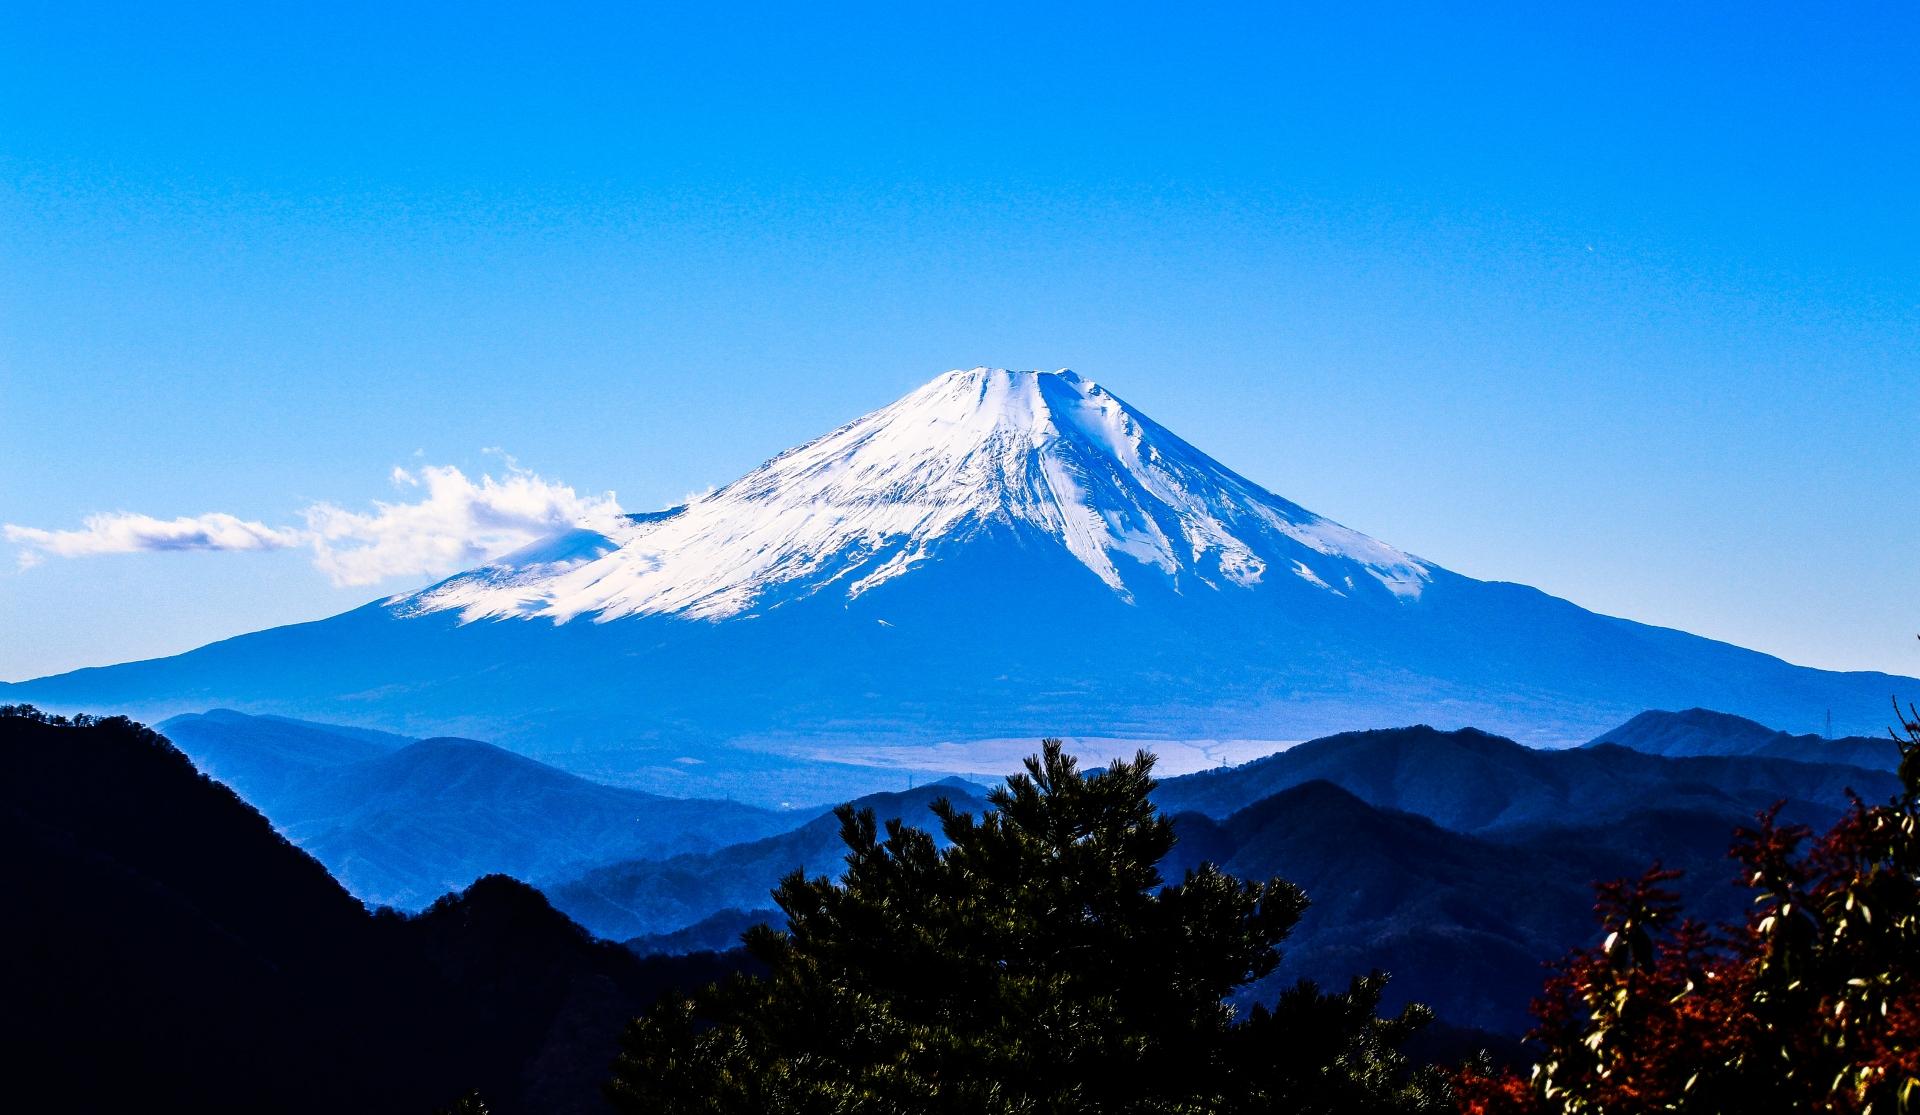 富士山【世界遺産】の観光や登山ツアーと周辺のライブカメラ